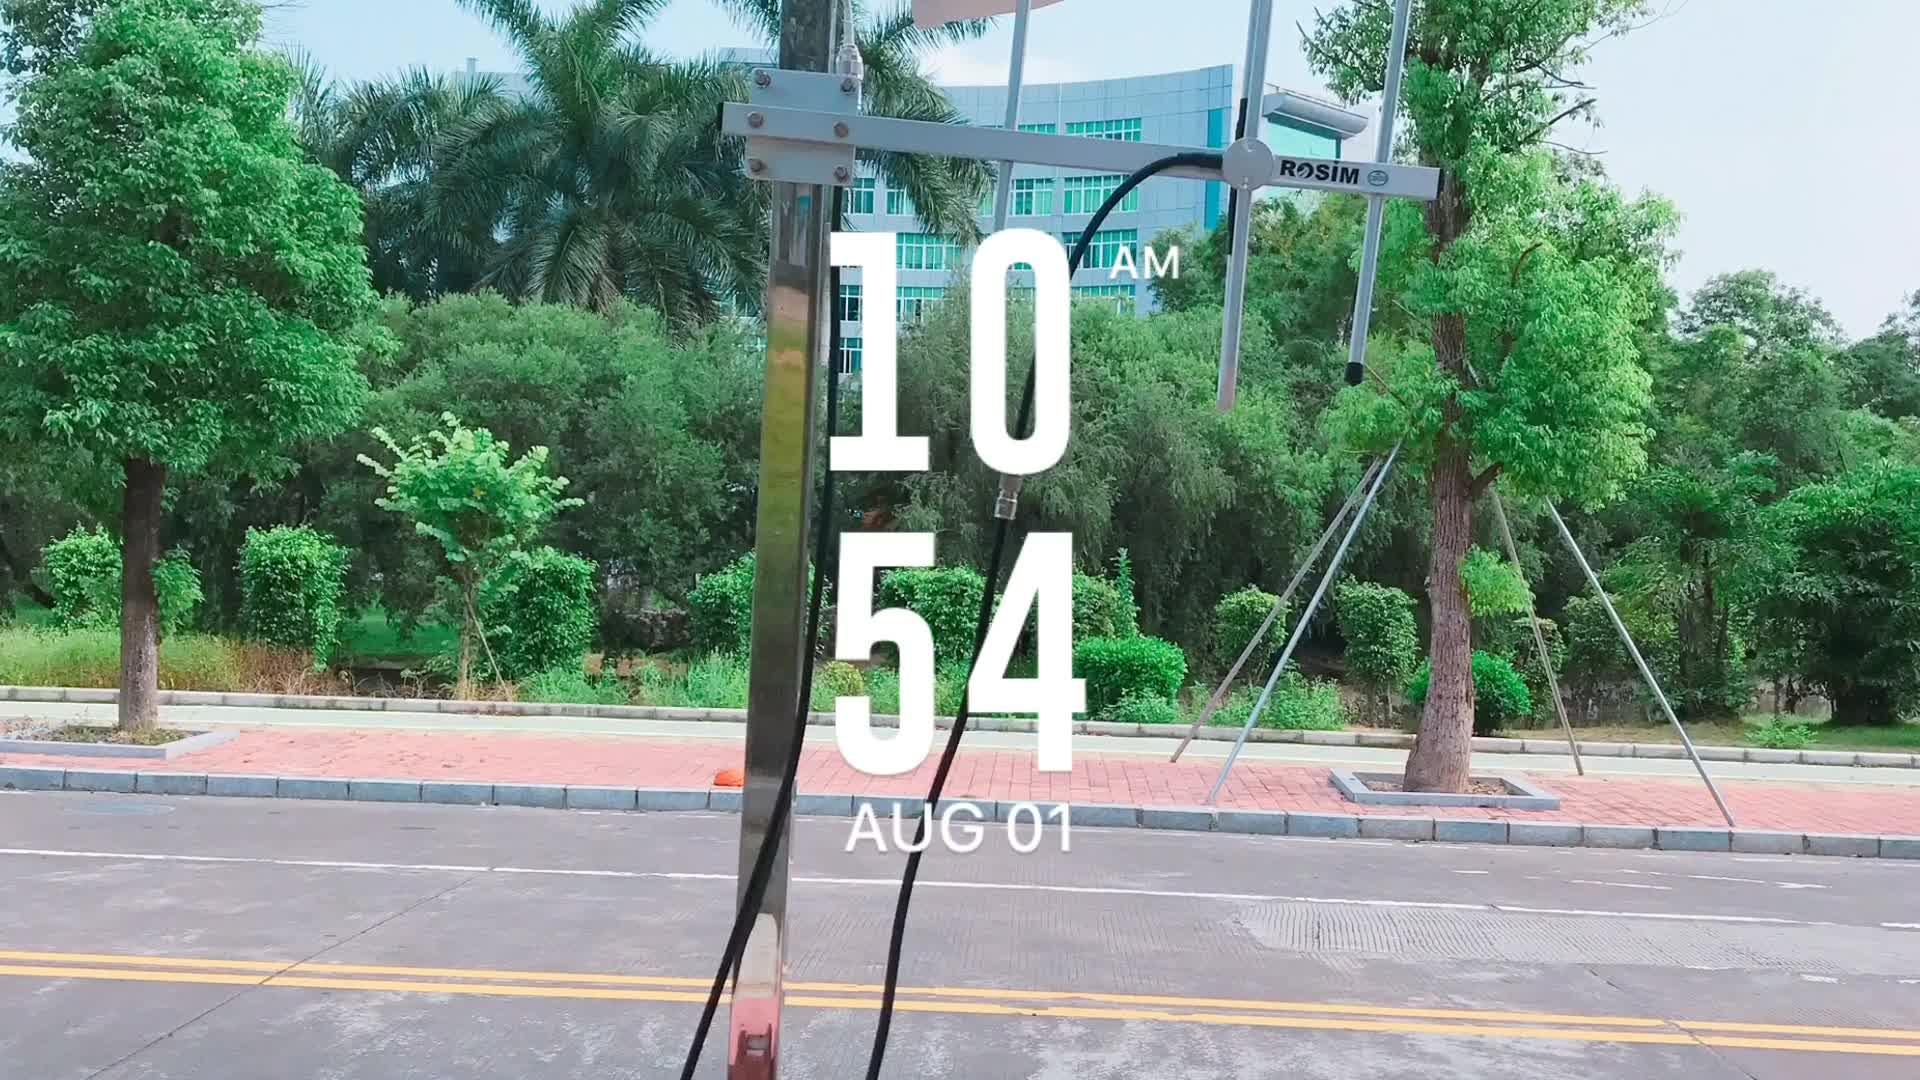 Rosim neuester Lora intelligenter Parkplatzsensor für das Parksystem